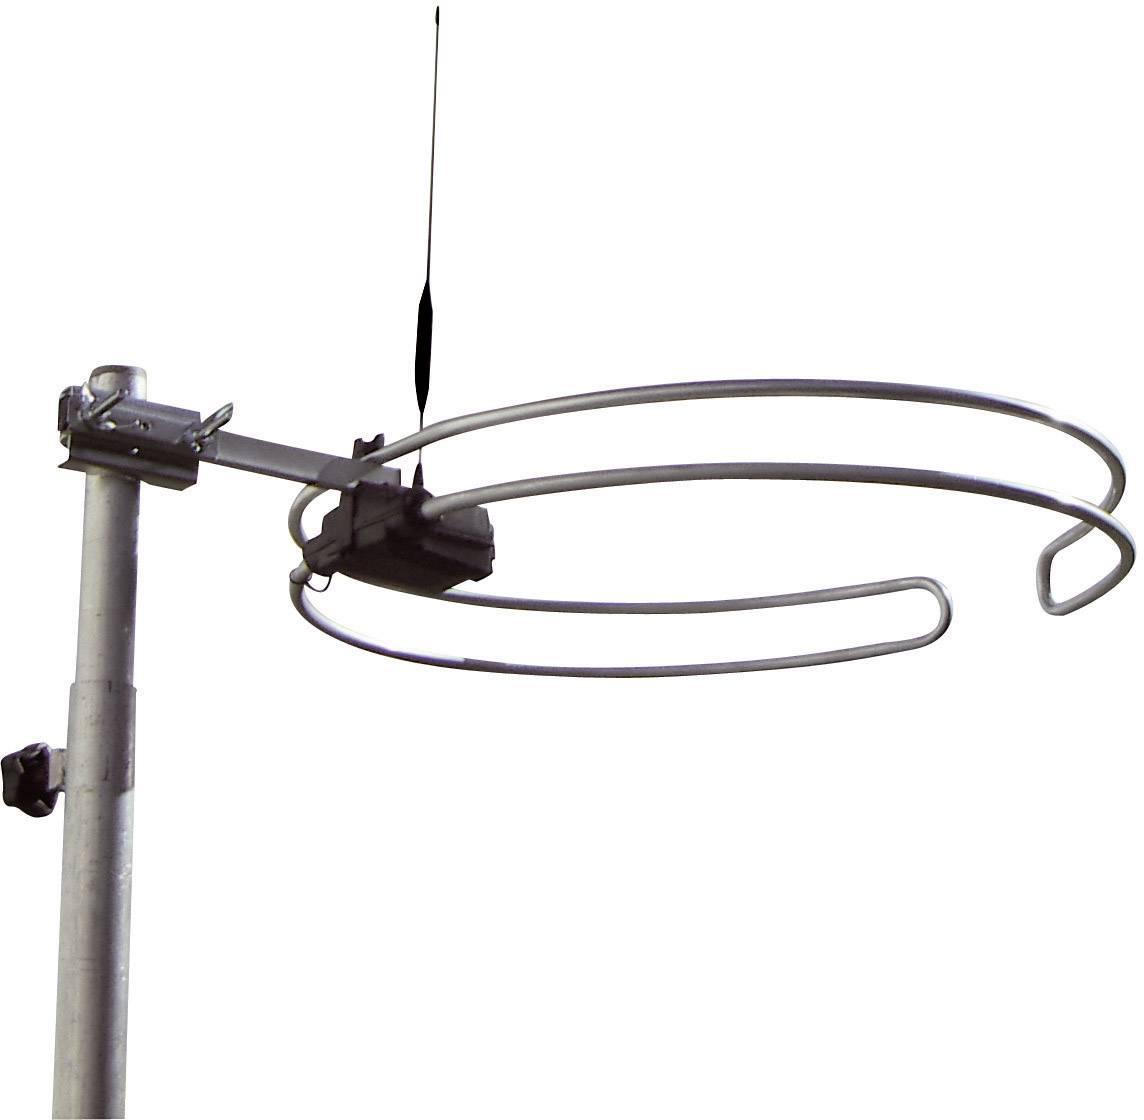 Pasivní střešní DVB-T/T2 anténa Wittenberg Antennen Multiband WB 2345-2, venkovní, stříbrná